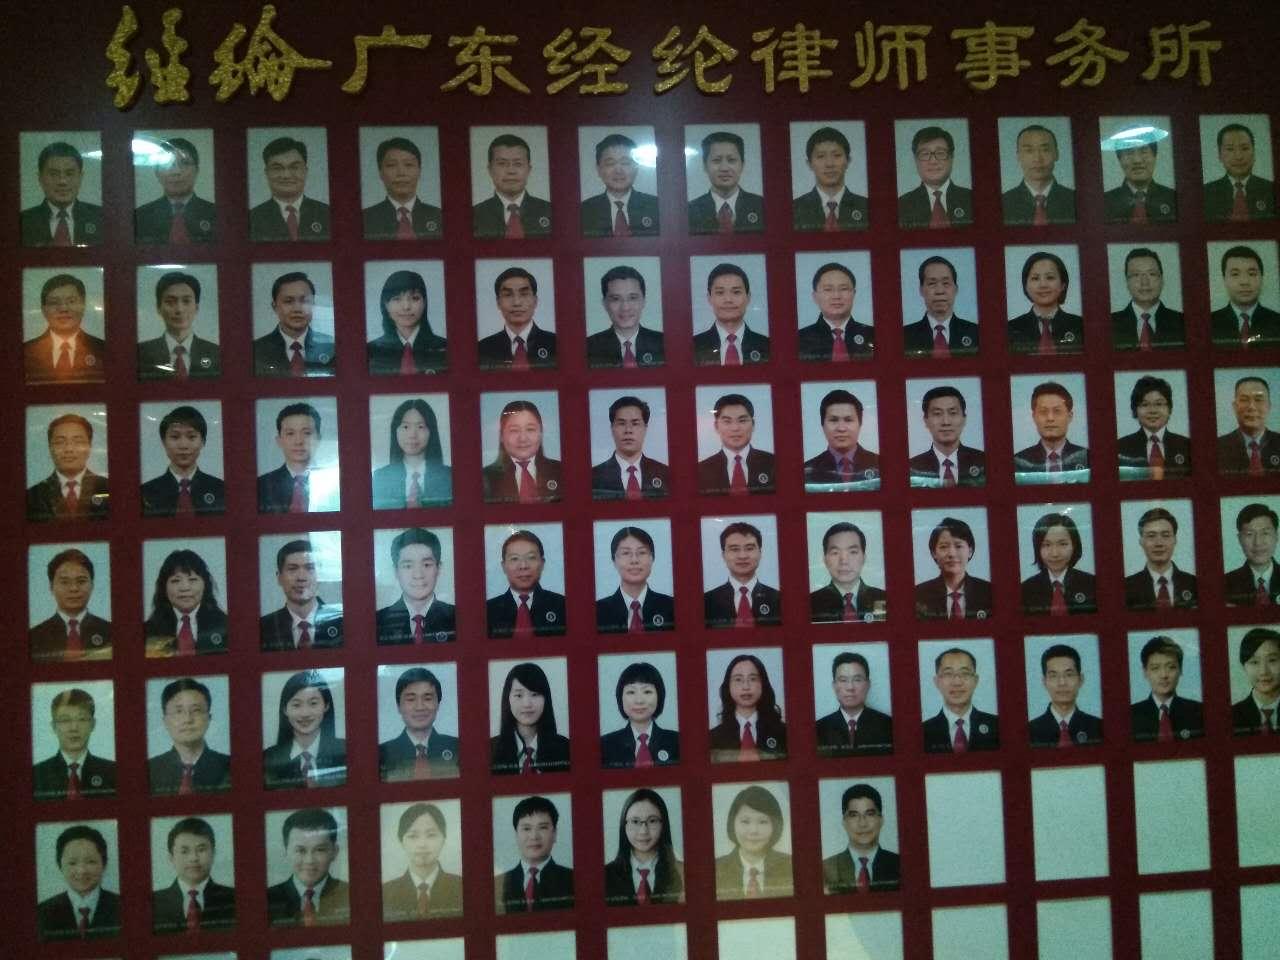 广州知名房产专业律师_二手房买卖交易纠纷咨询 - 广州房产律师网